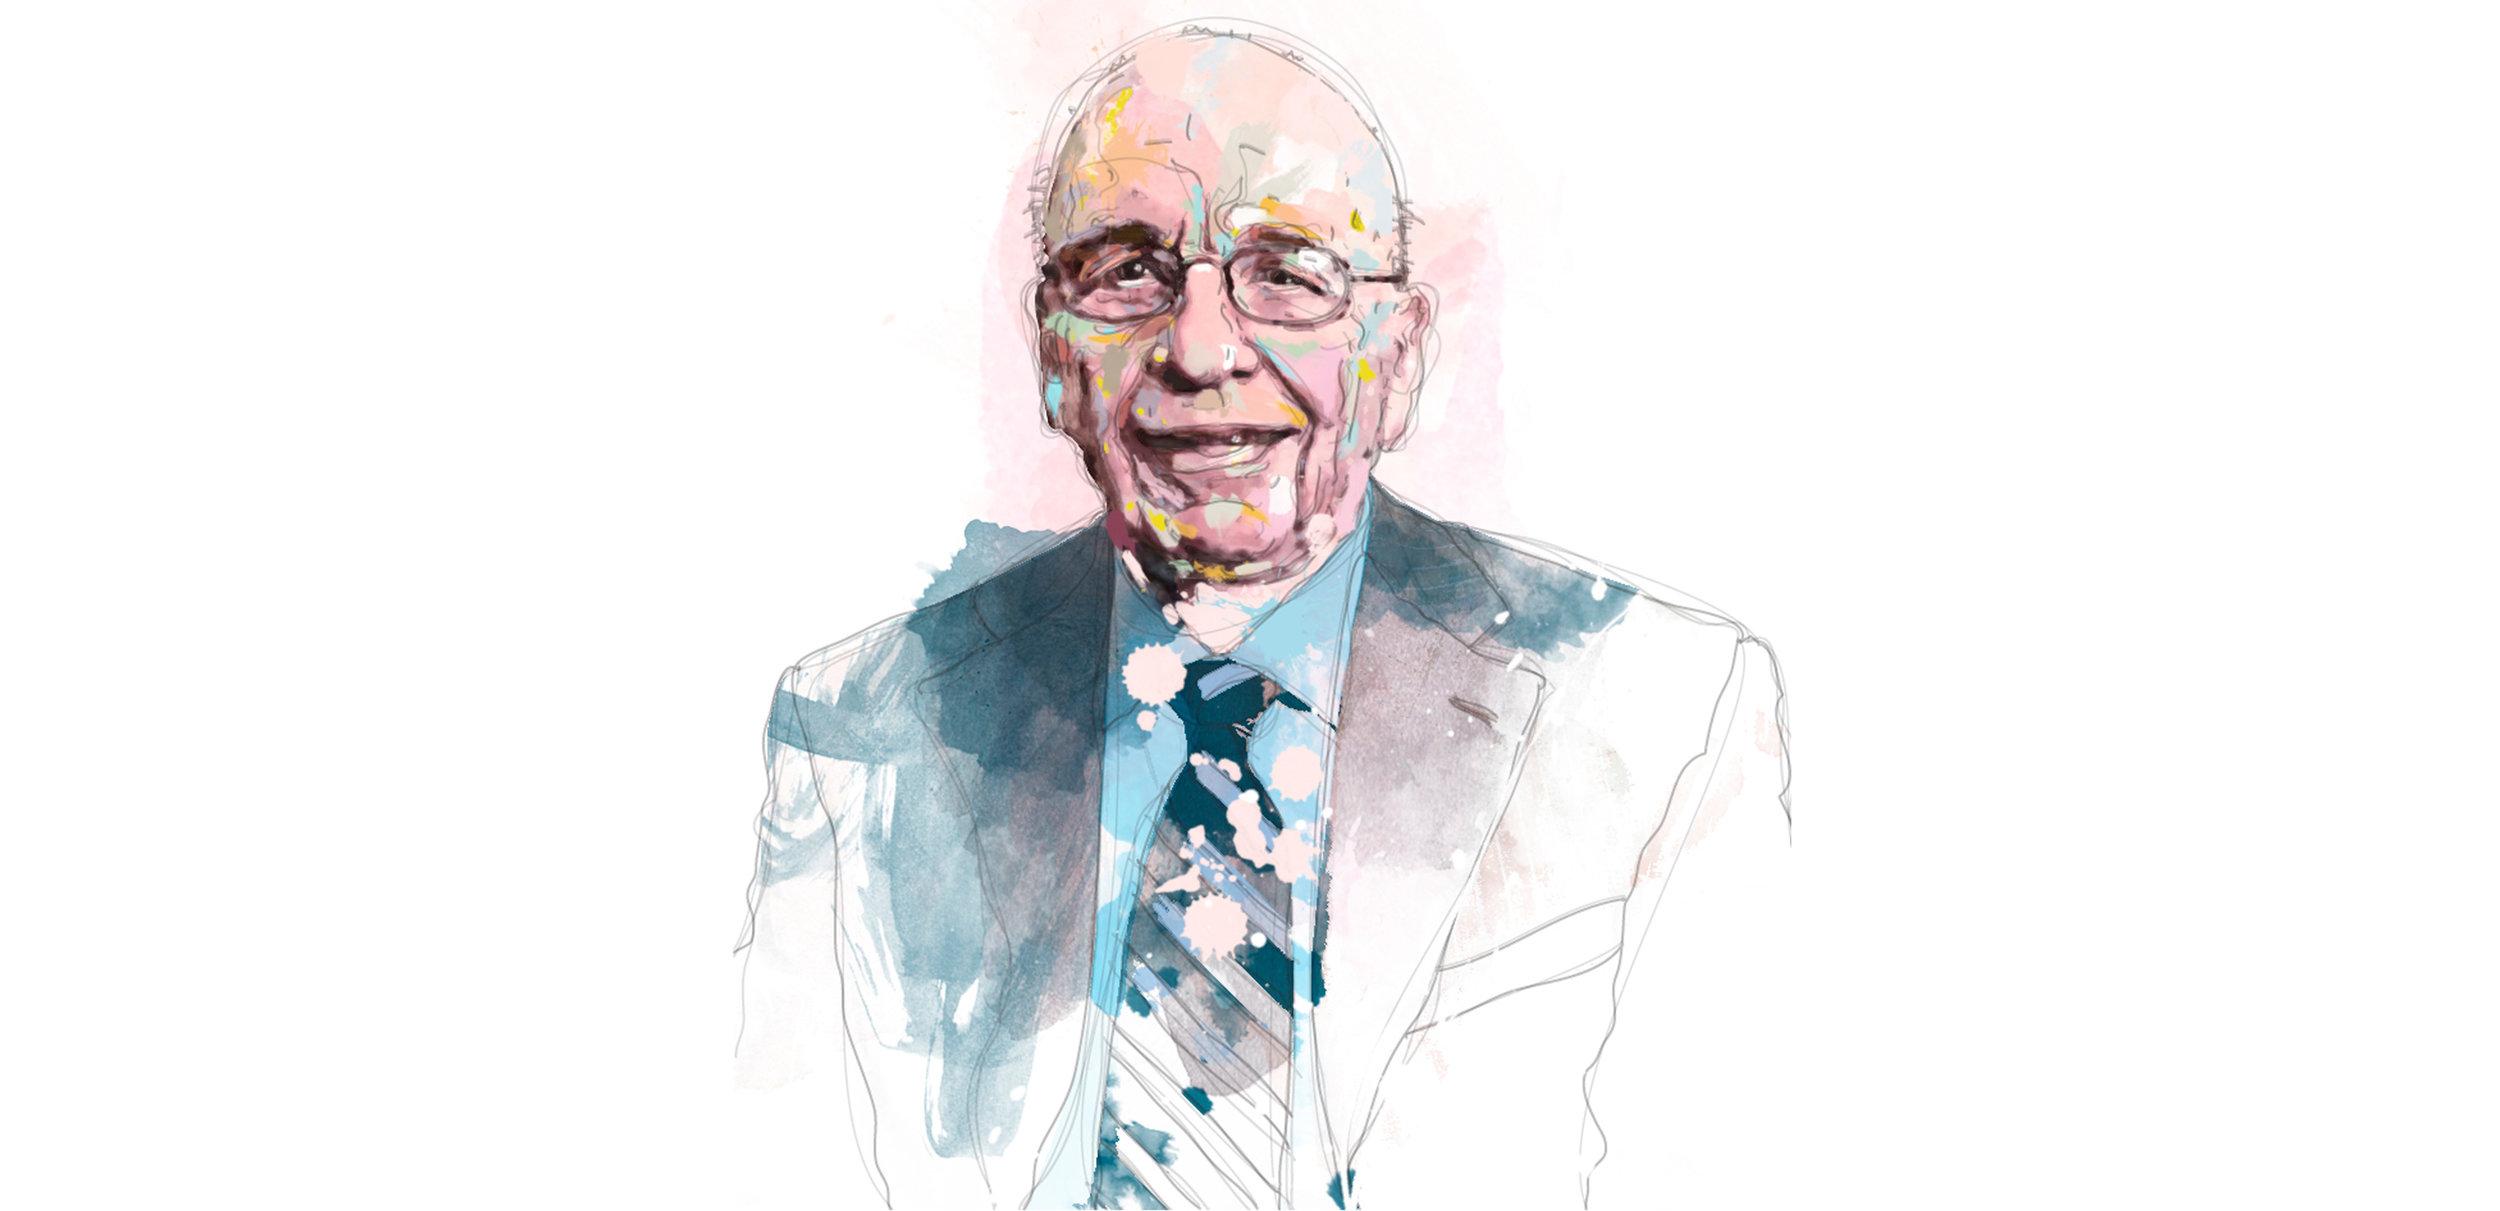 Rupert Murdoch for the Weekend Australian